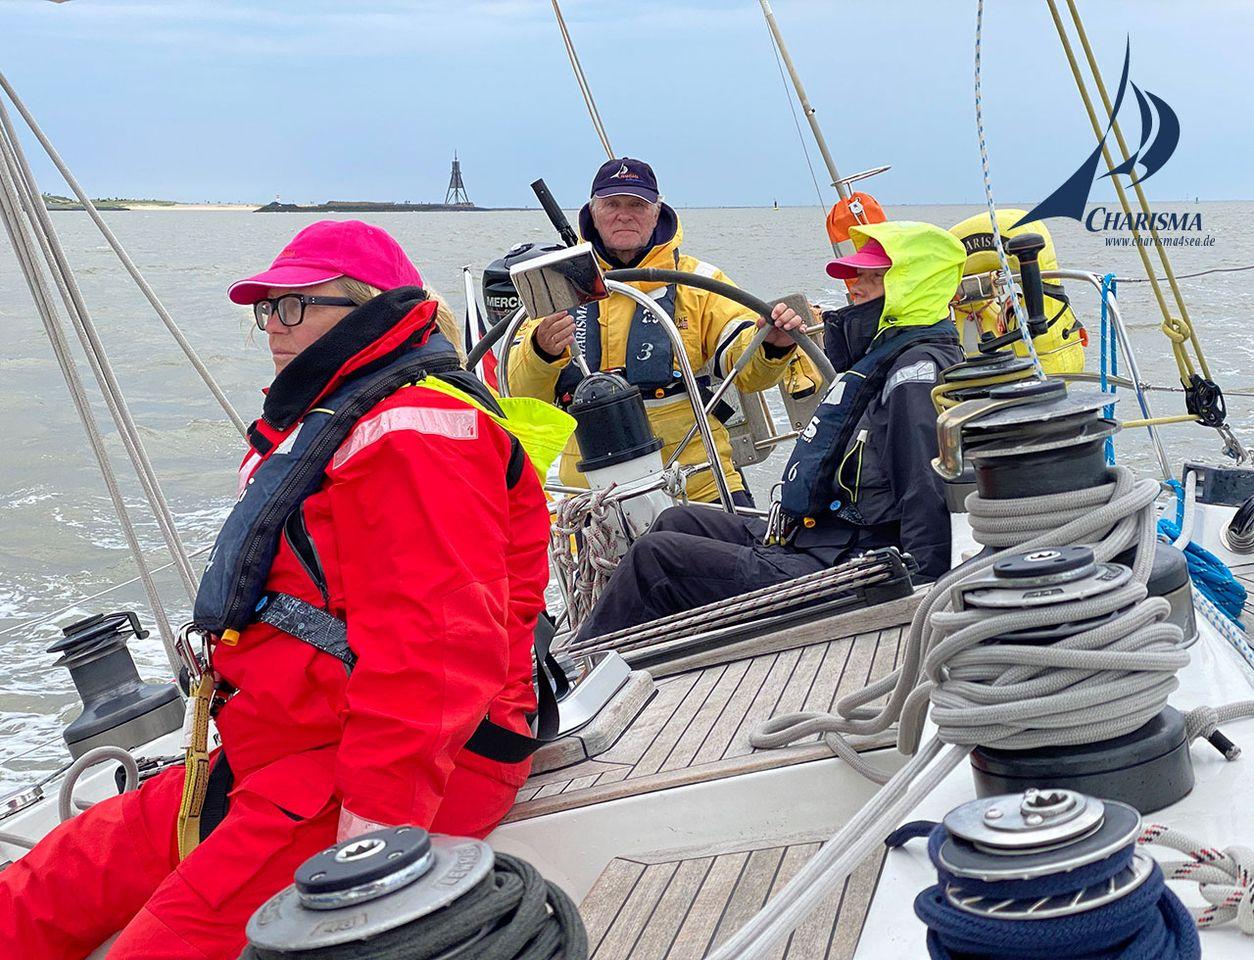 Happy landing Cuxhaven